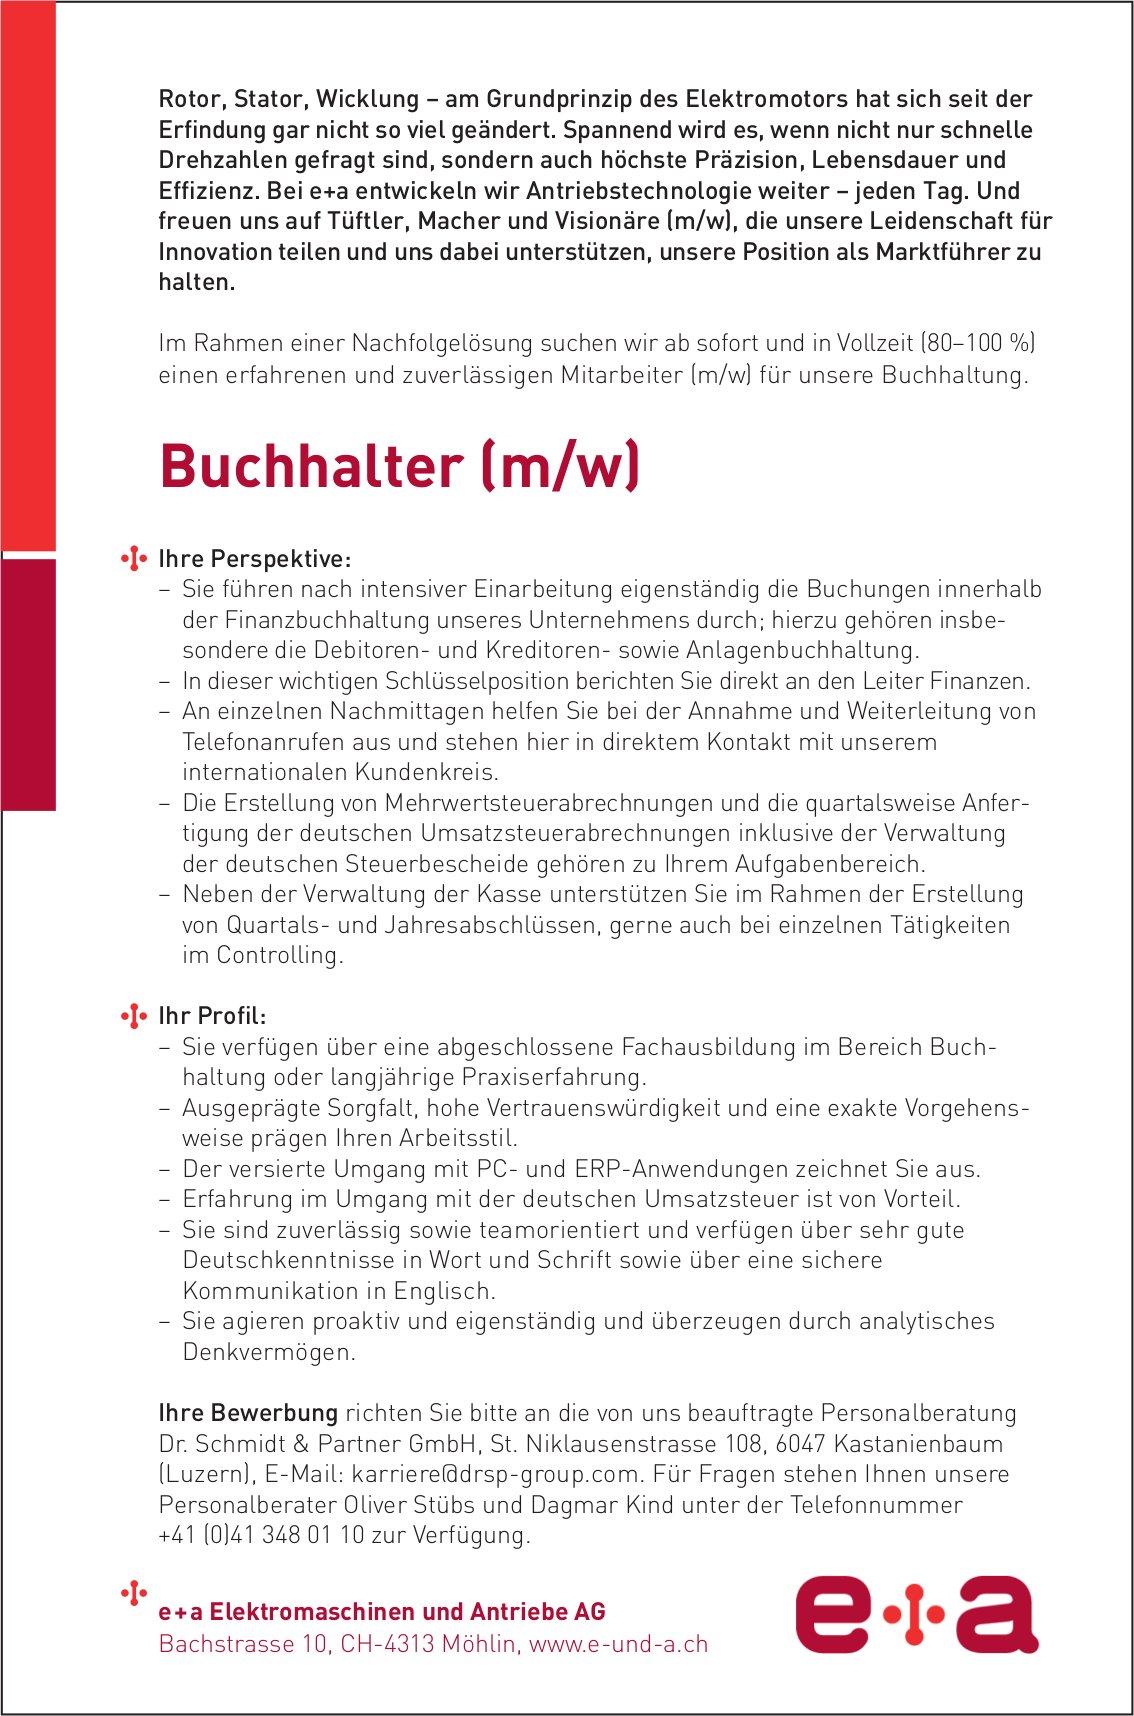 Buchhalter (m/w) bei e+a Elektromaschinen und Antriebe AG gesucht